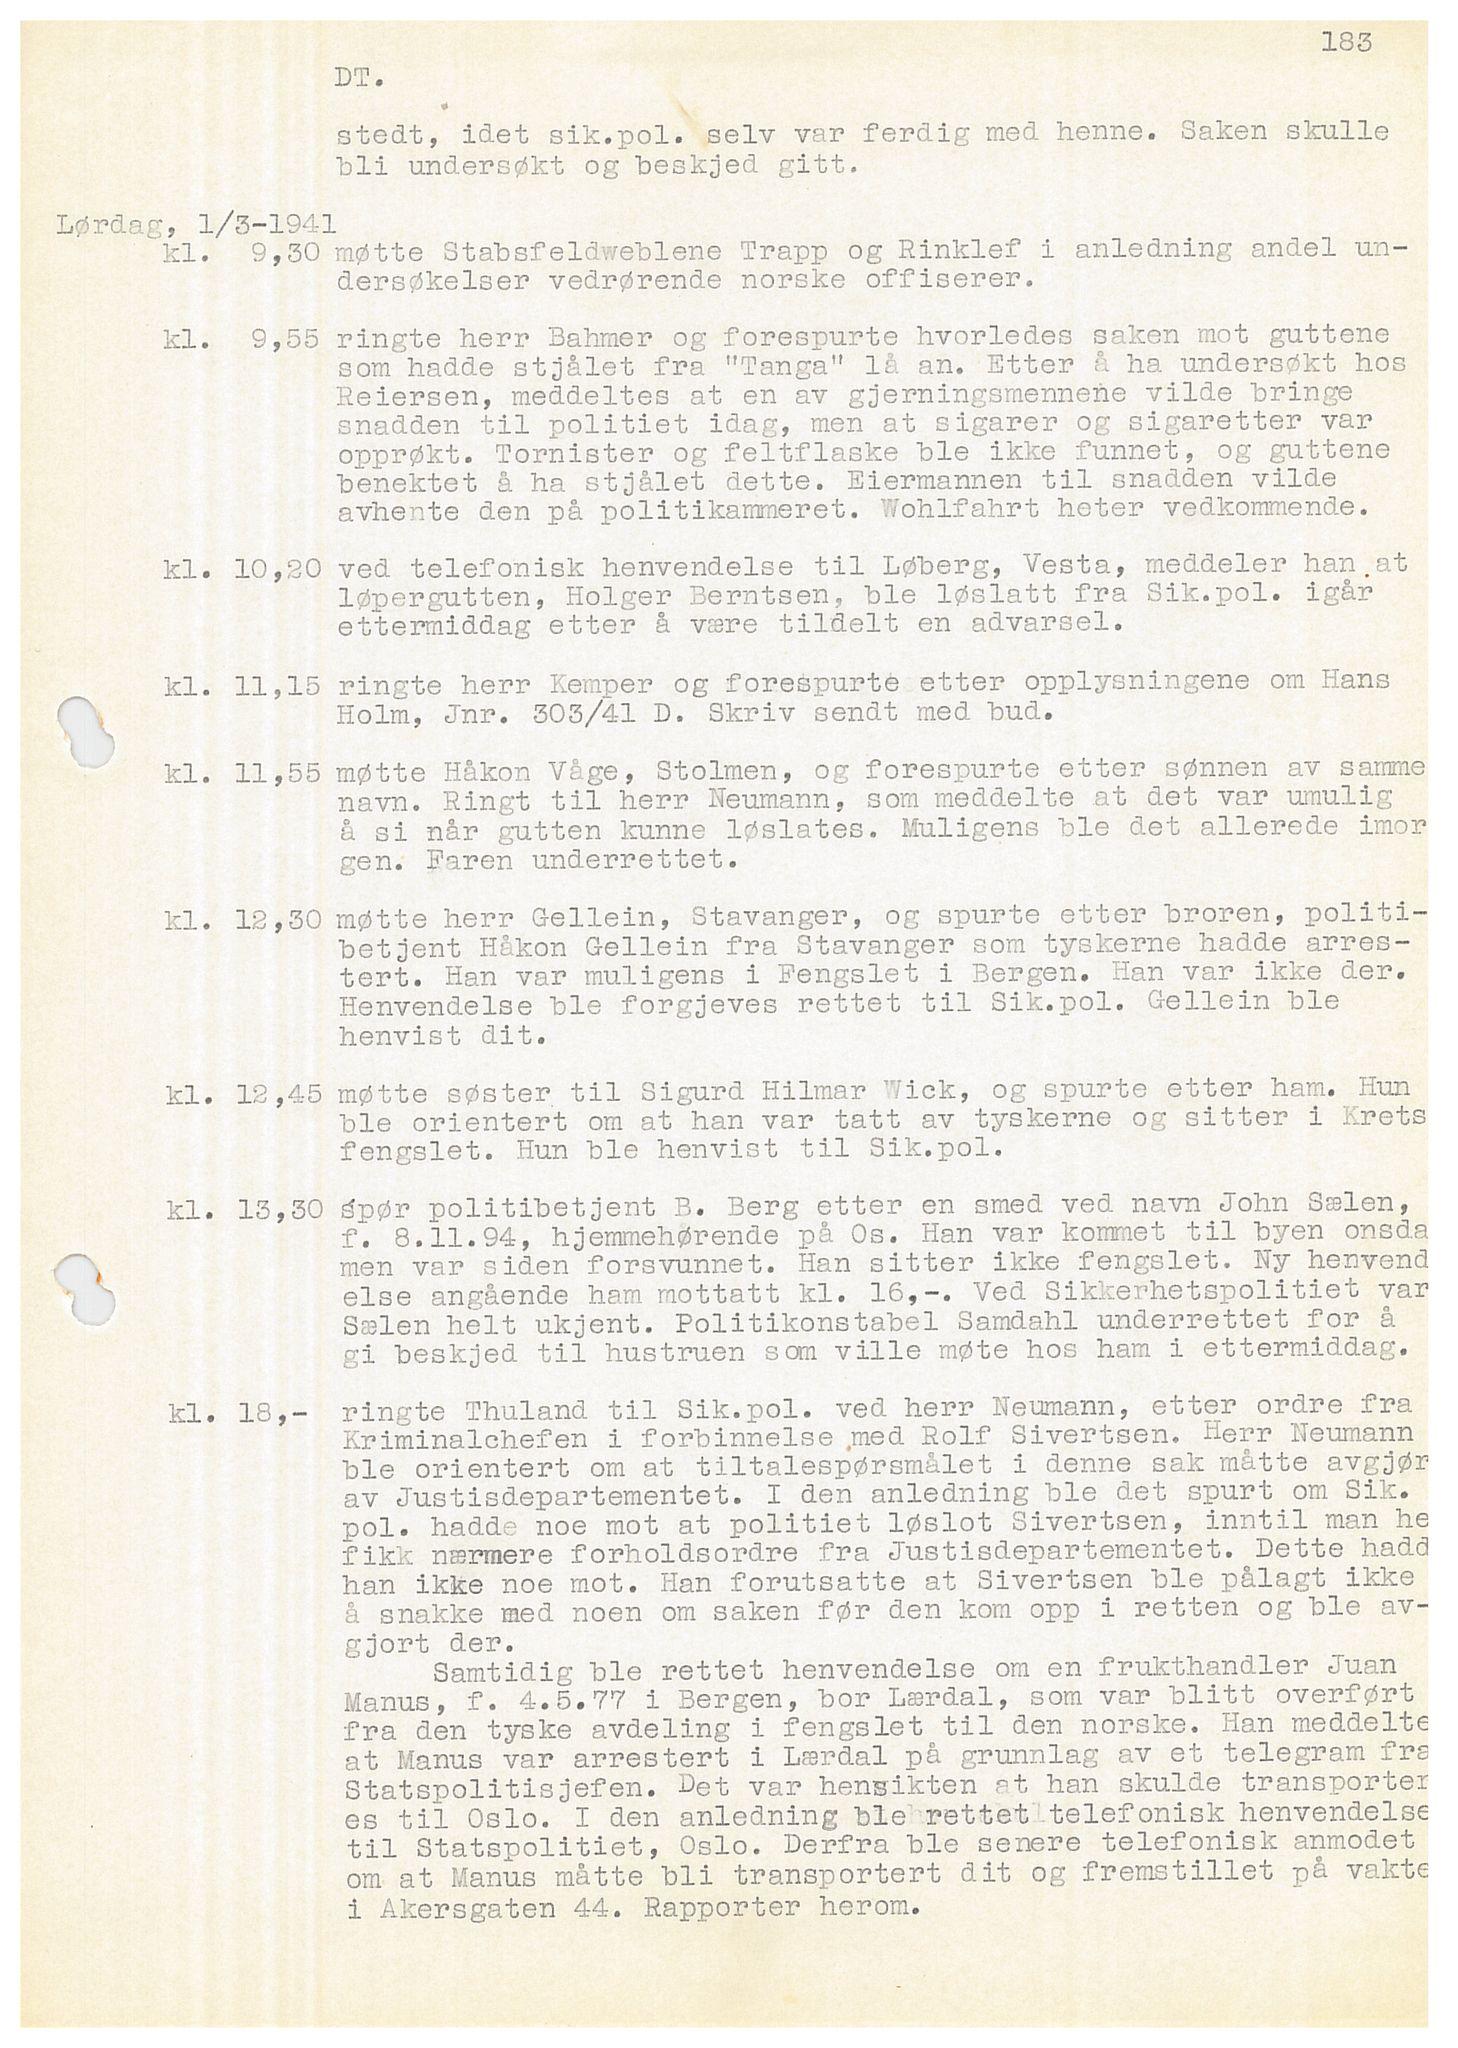 SAB, Bergen politidistrikt, Y/Ye/L0001: Avskrift av krigsdagbok av Dankert Thuland, 1940-1941, s. 183